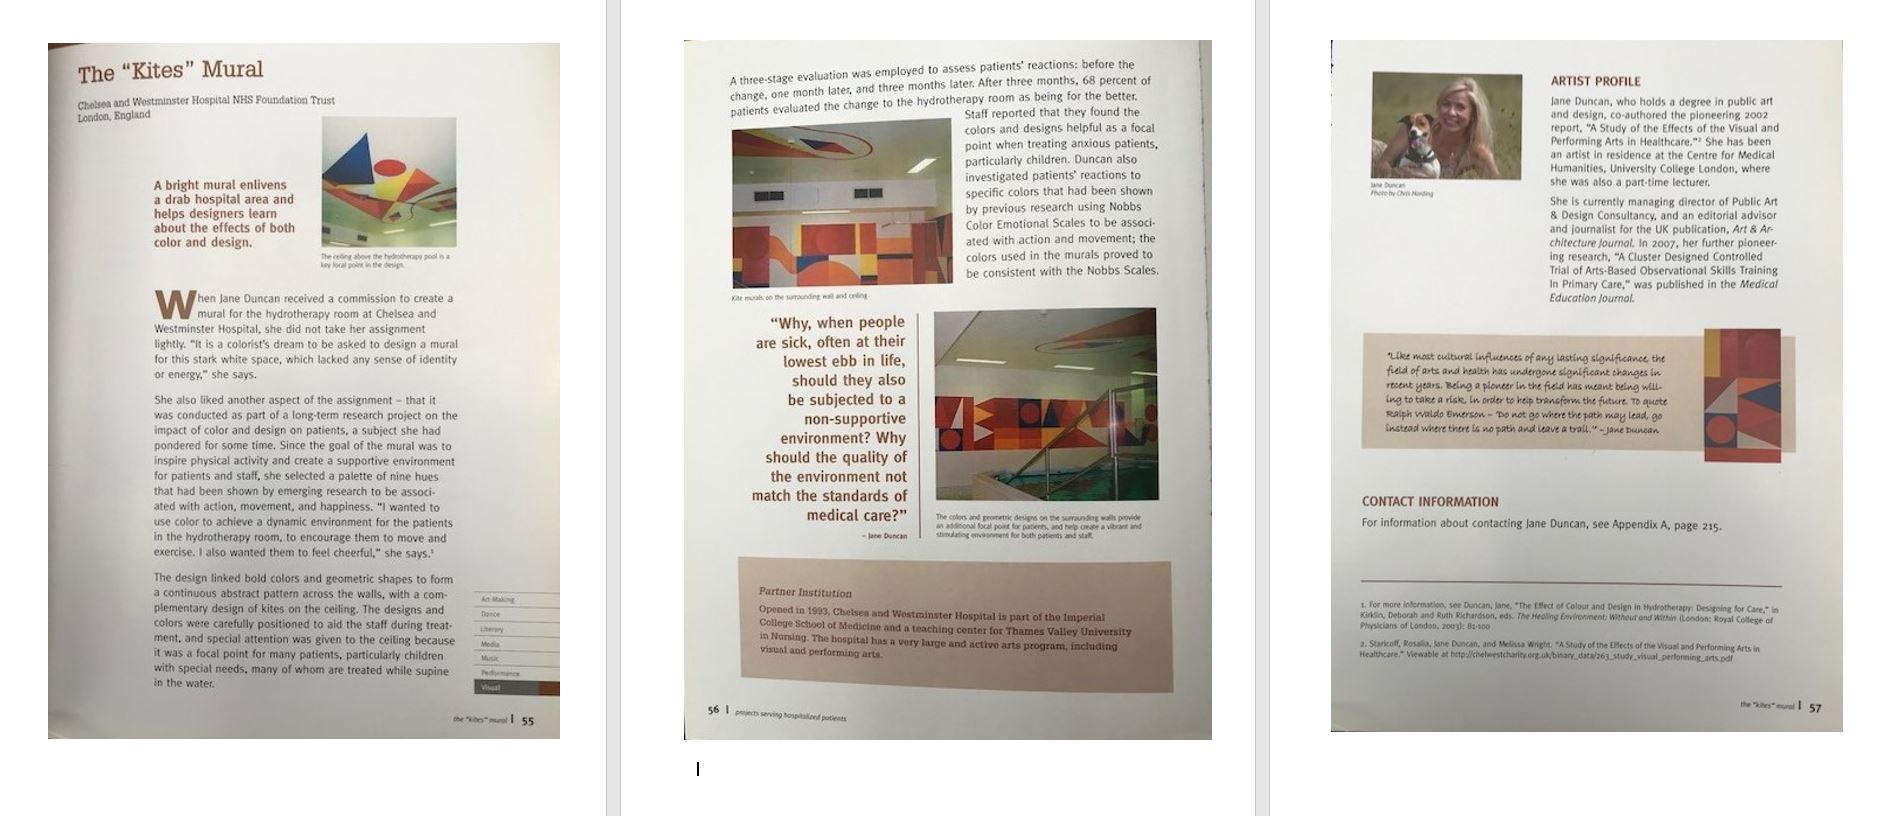 kites mural 1 page.JPG